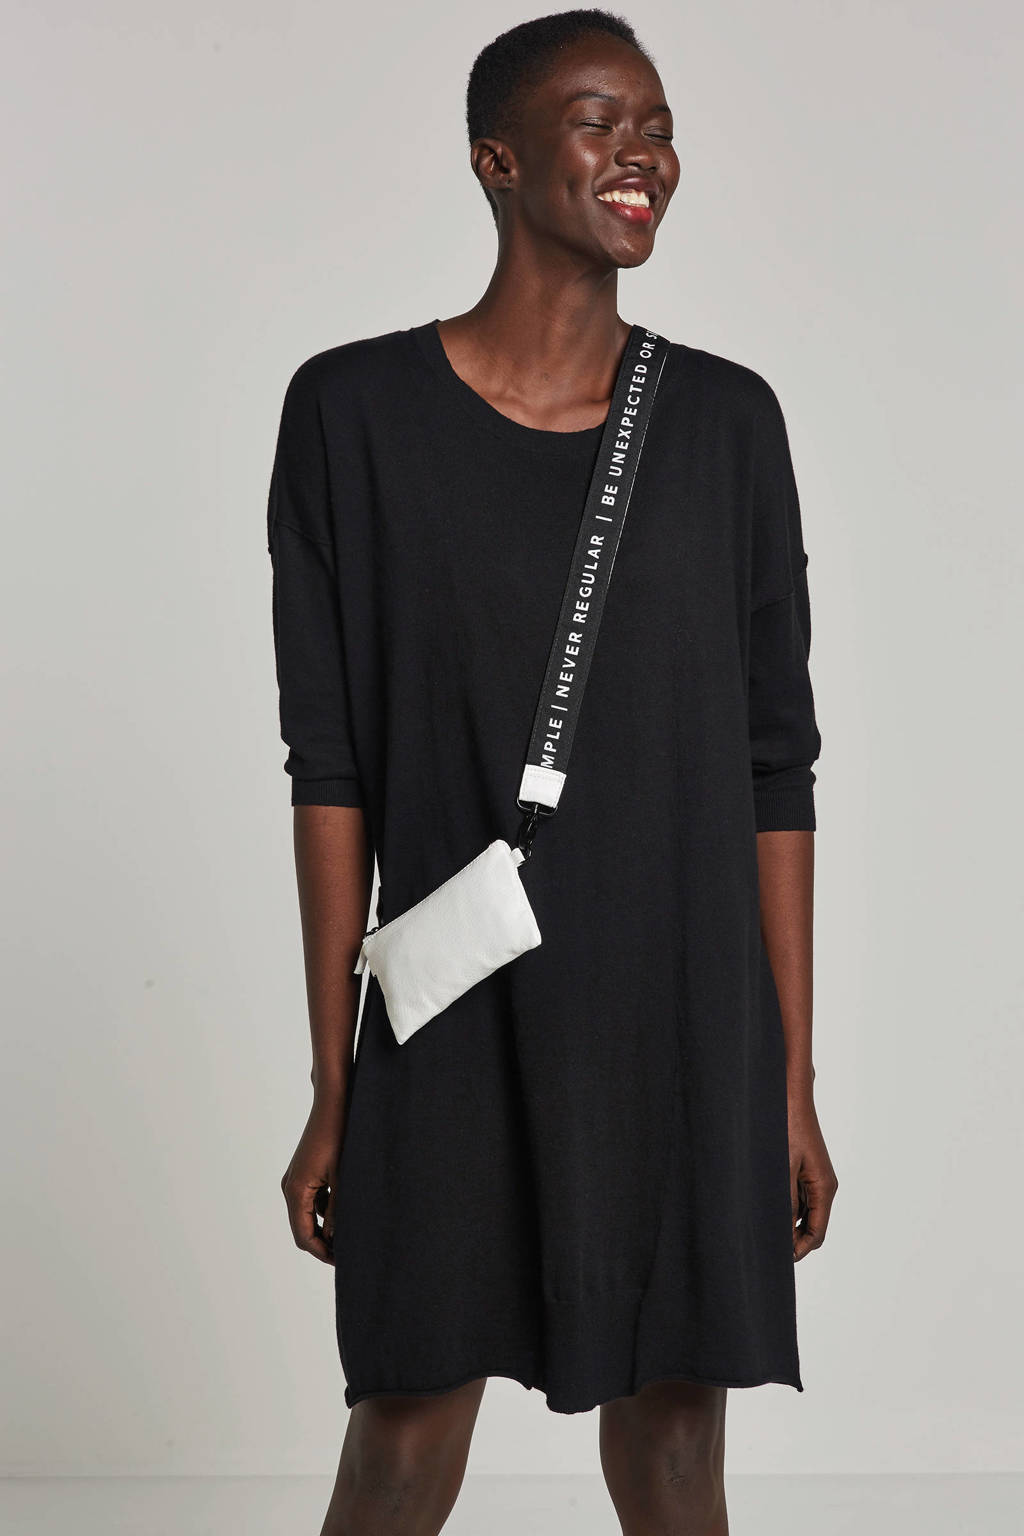 10DAYS jurk met streep, Zwart/wit